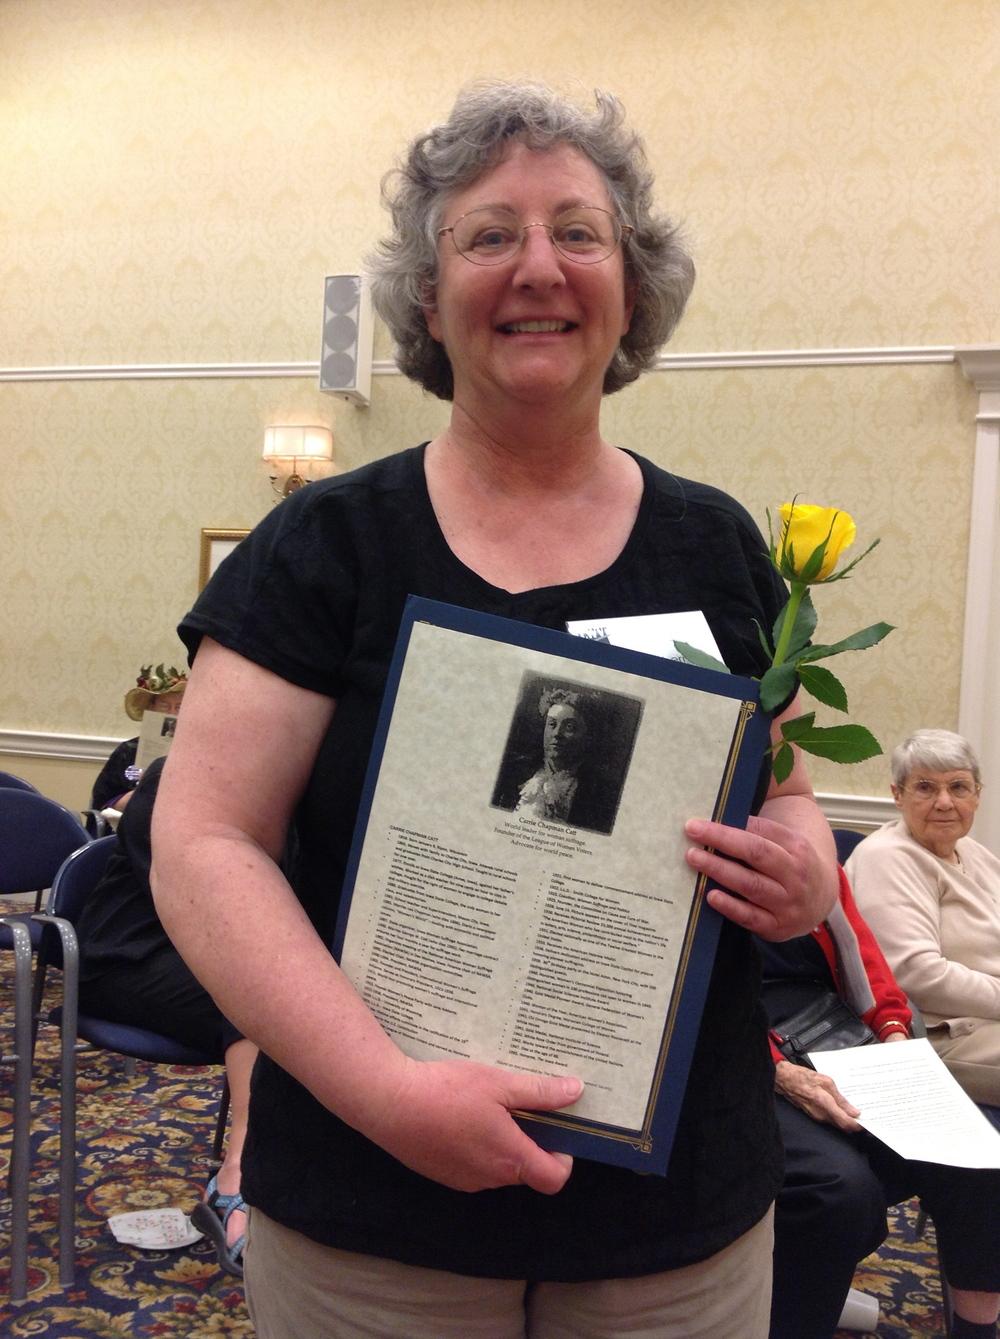 Carrie Chapman Catt Award